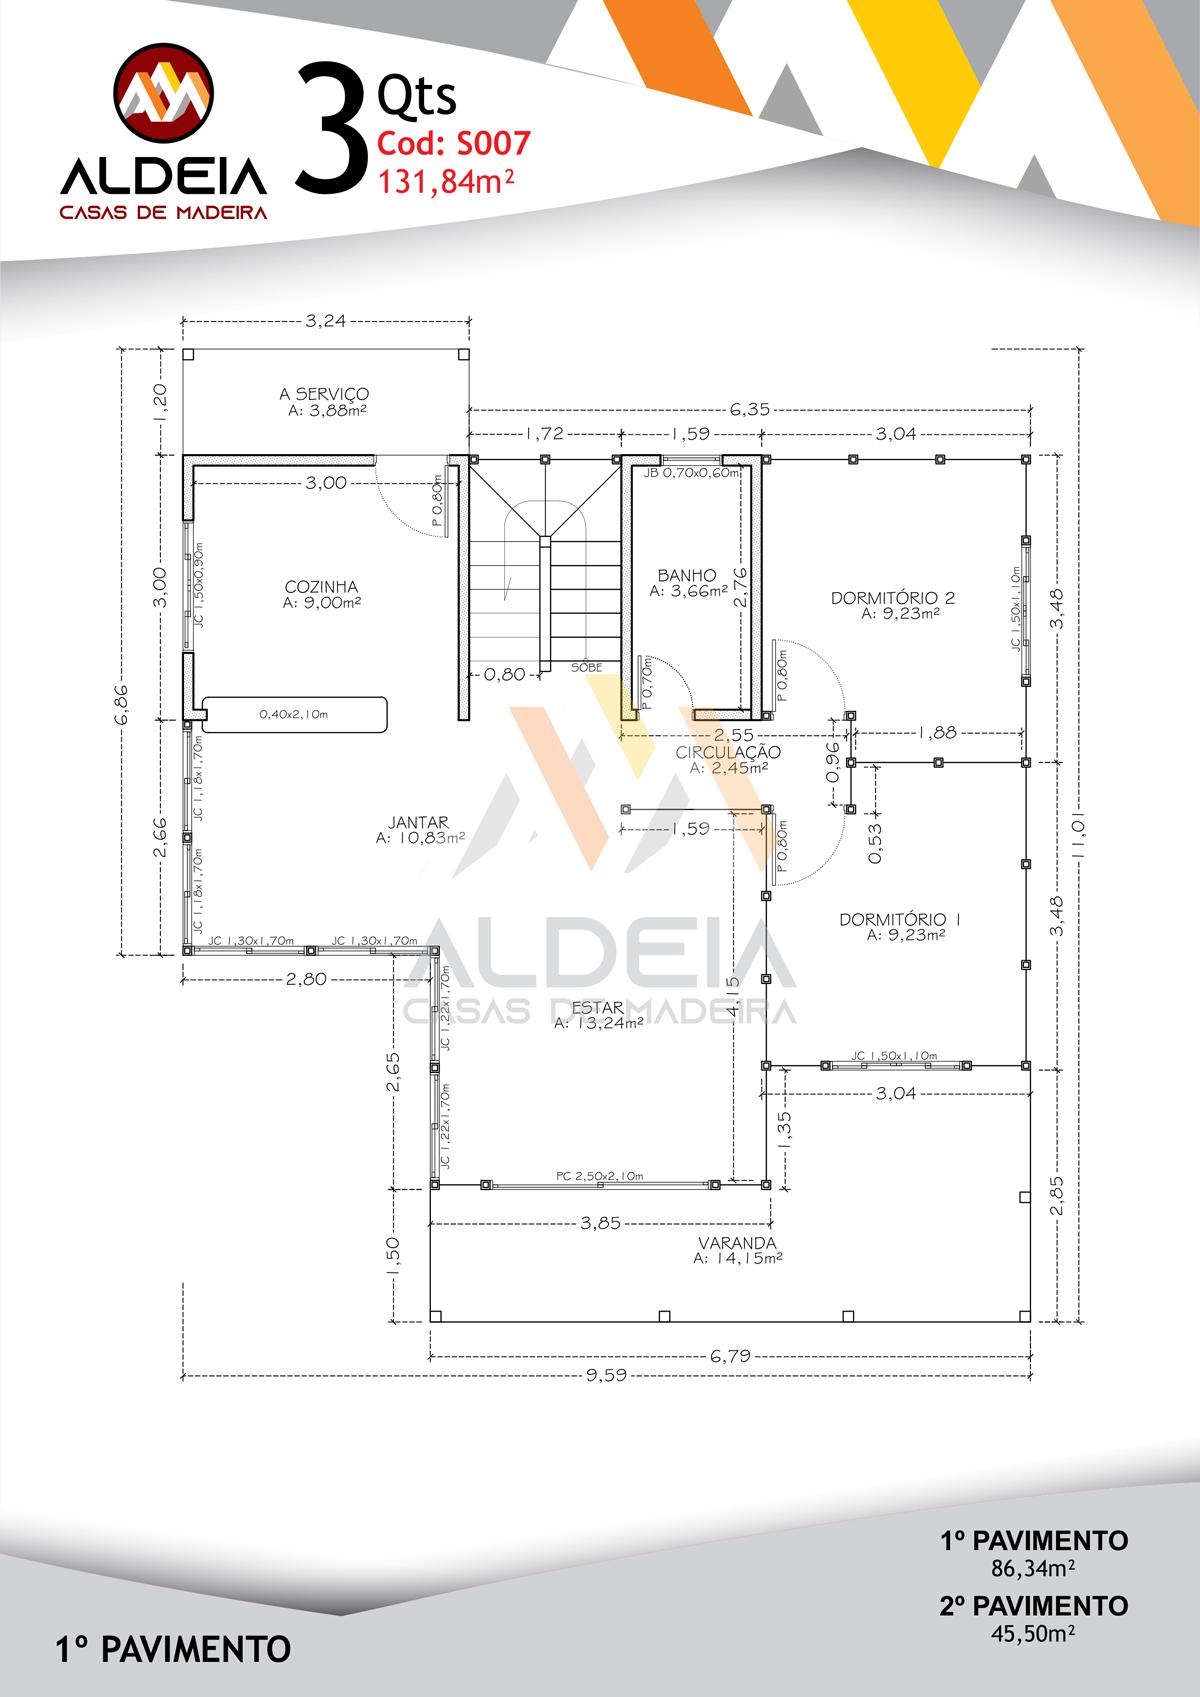 aldeia-casas-madeira-arquitetura-S007-1